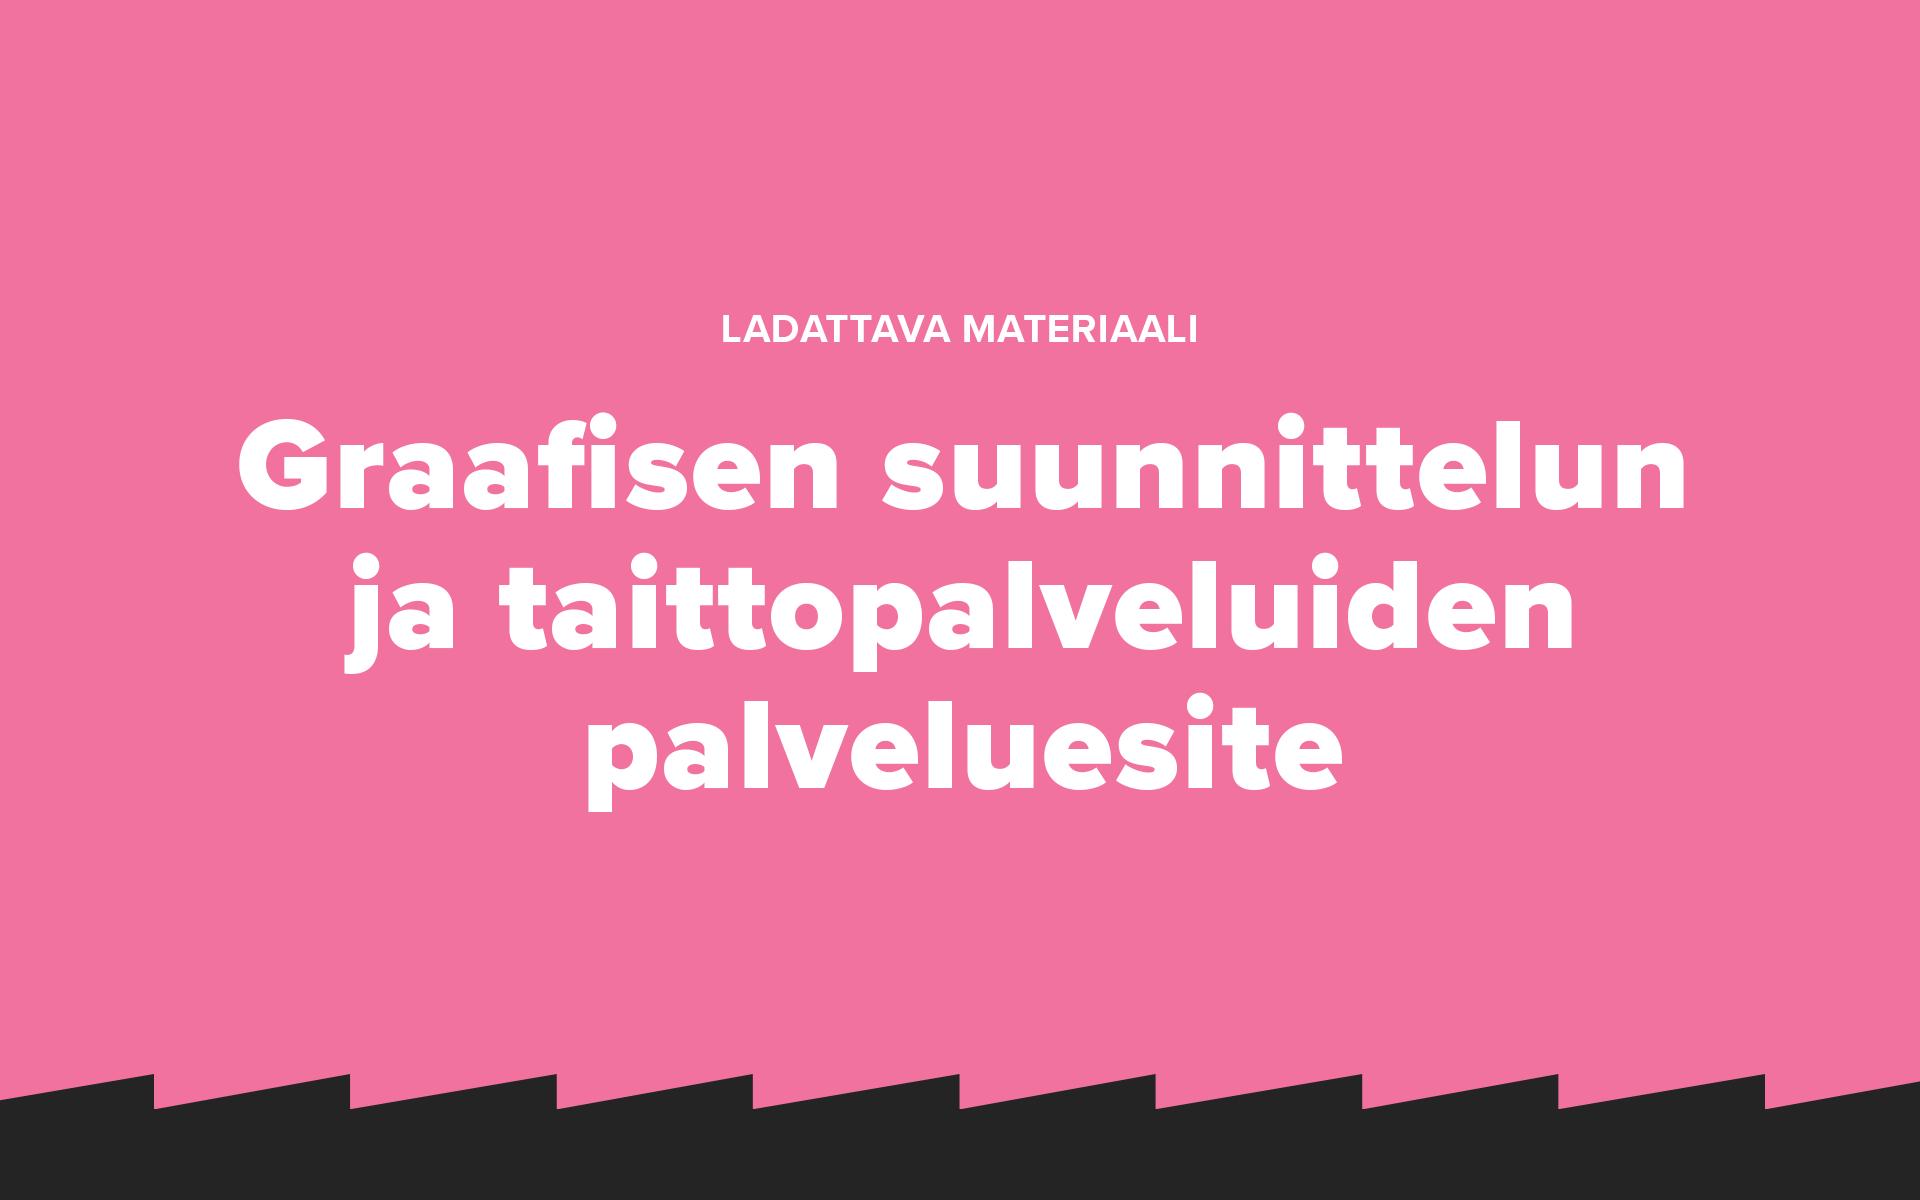 grano_graafinen-suunnittelu-palveluesite_thumbnail